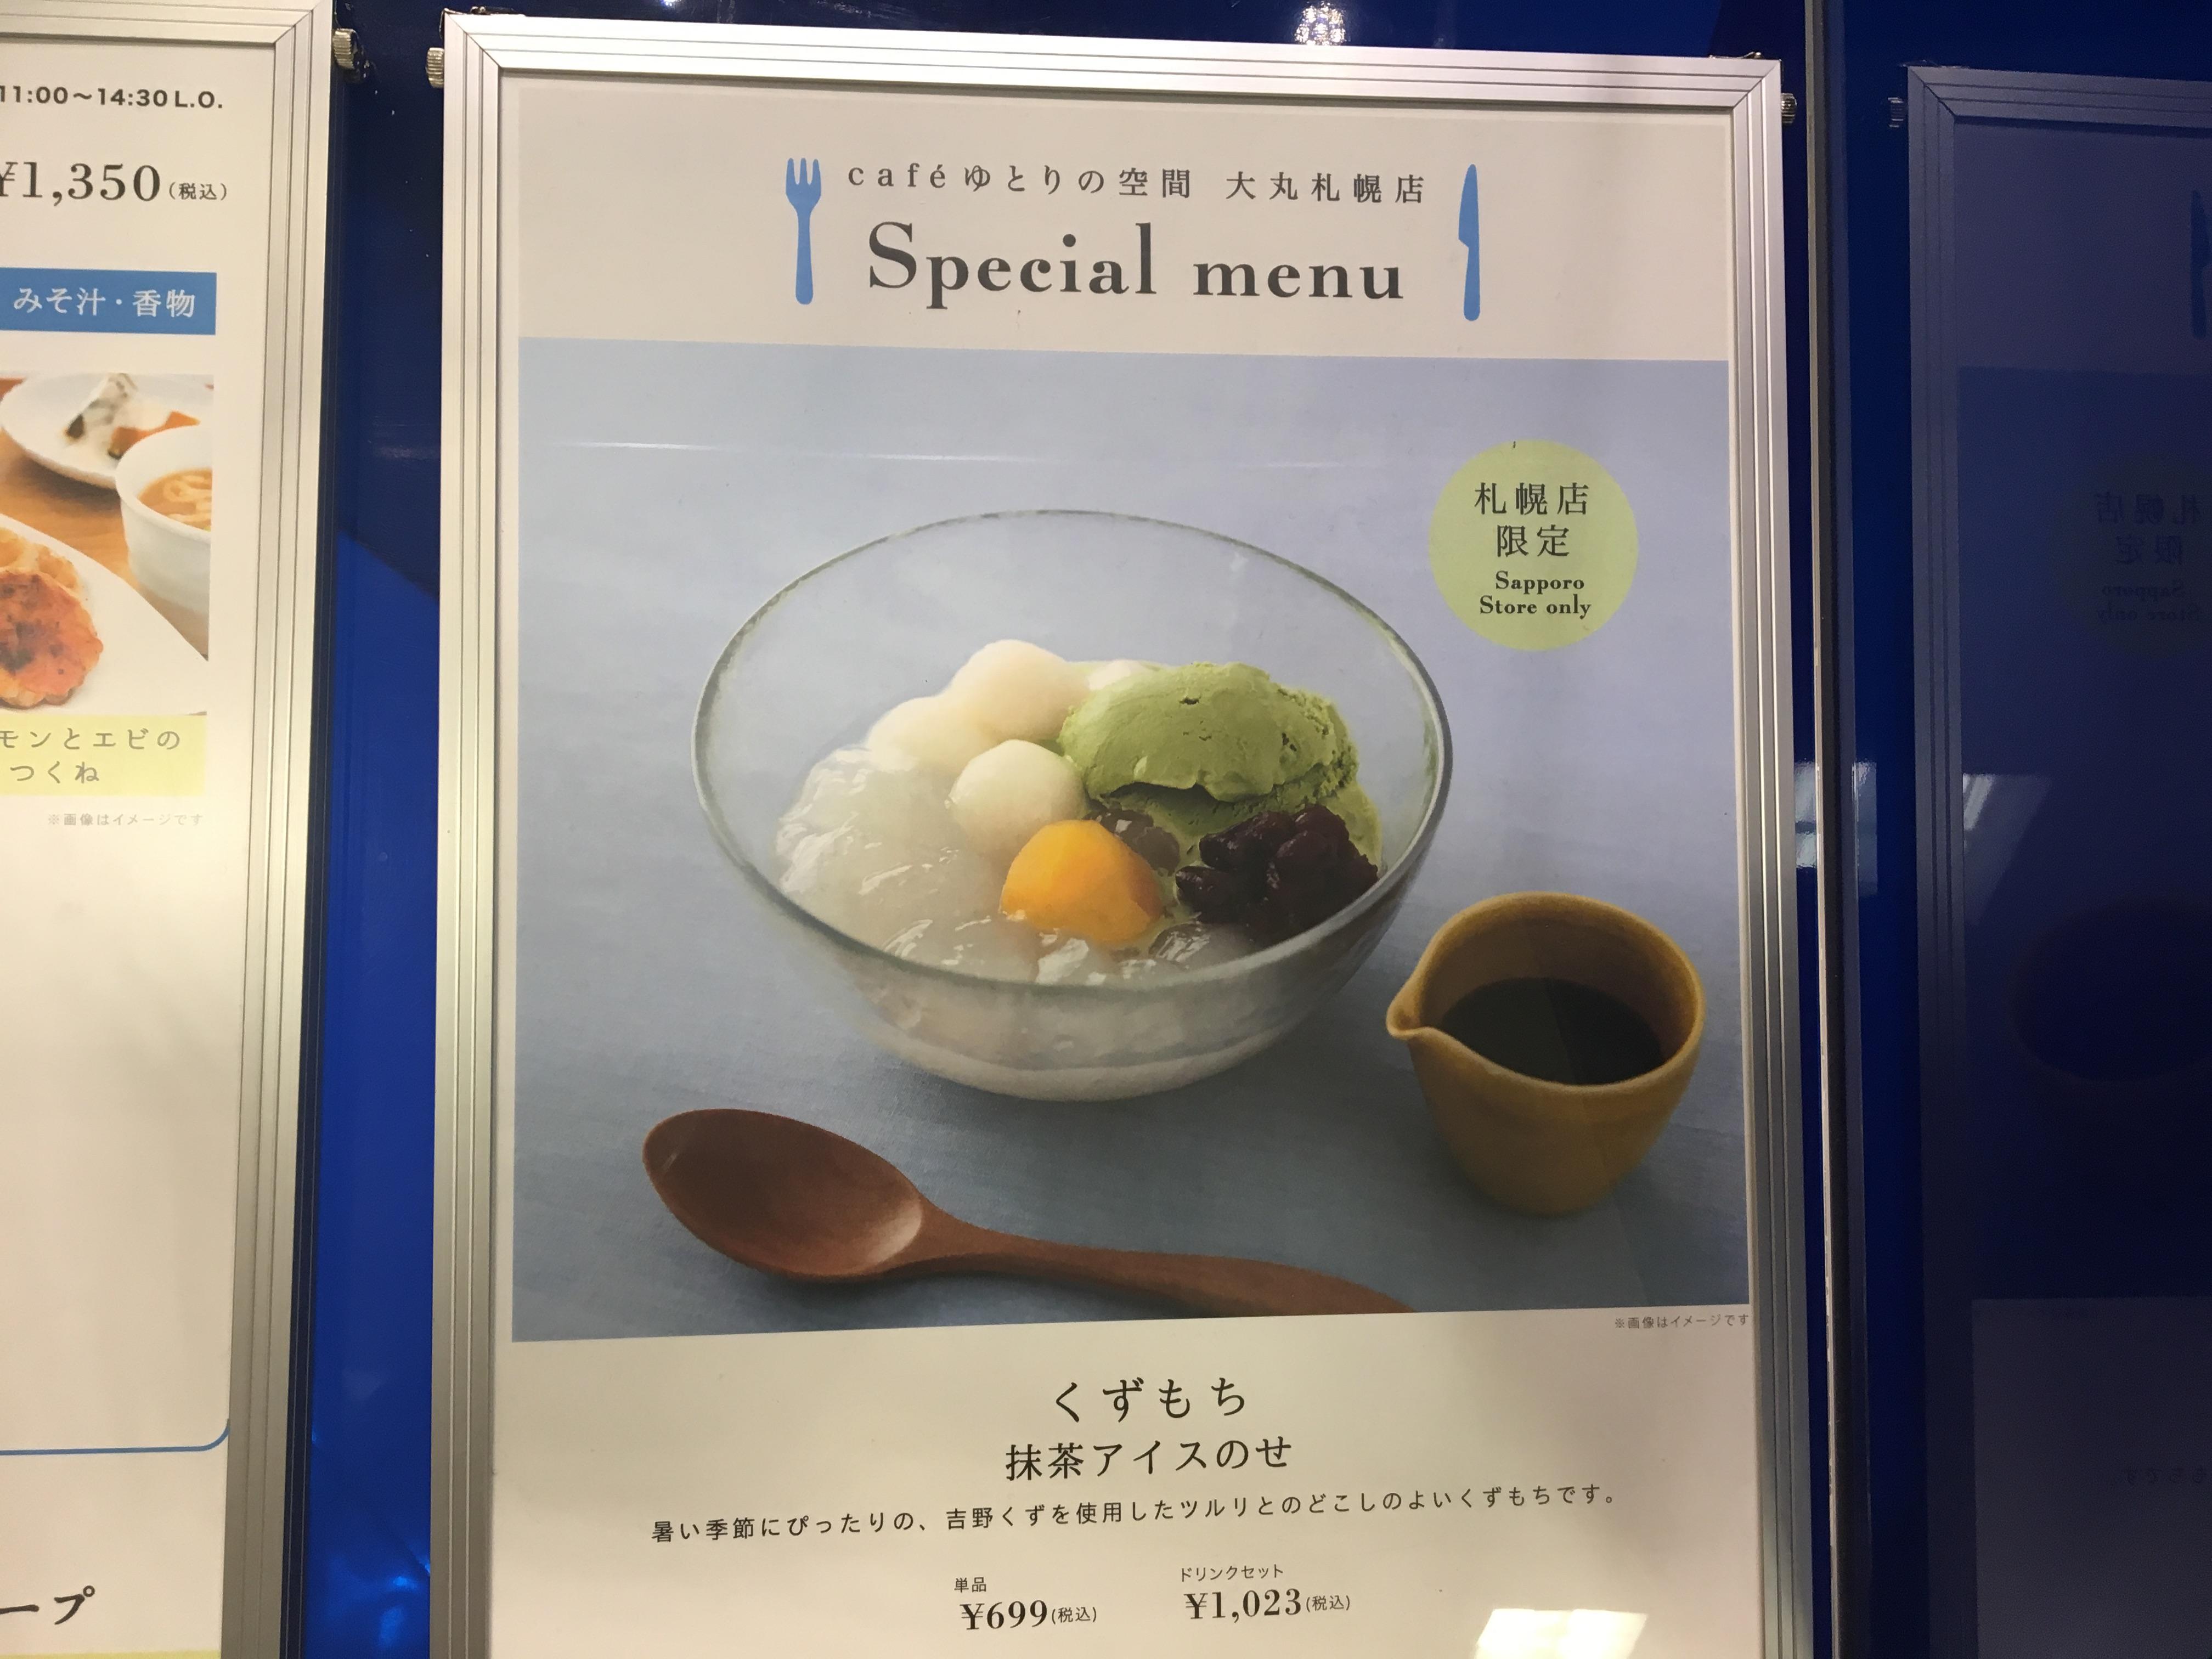 カフェ ゆとりの空間 大丸札幌店のくずもち-抹茶アイスのせ-